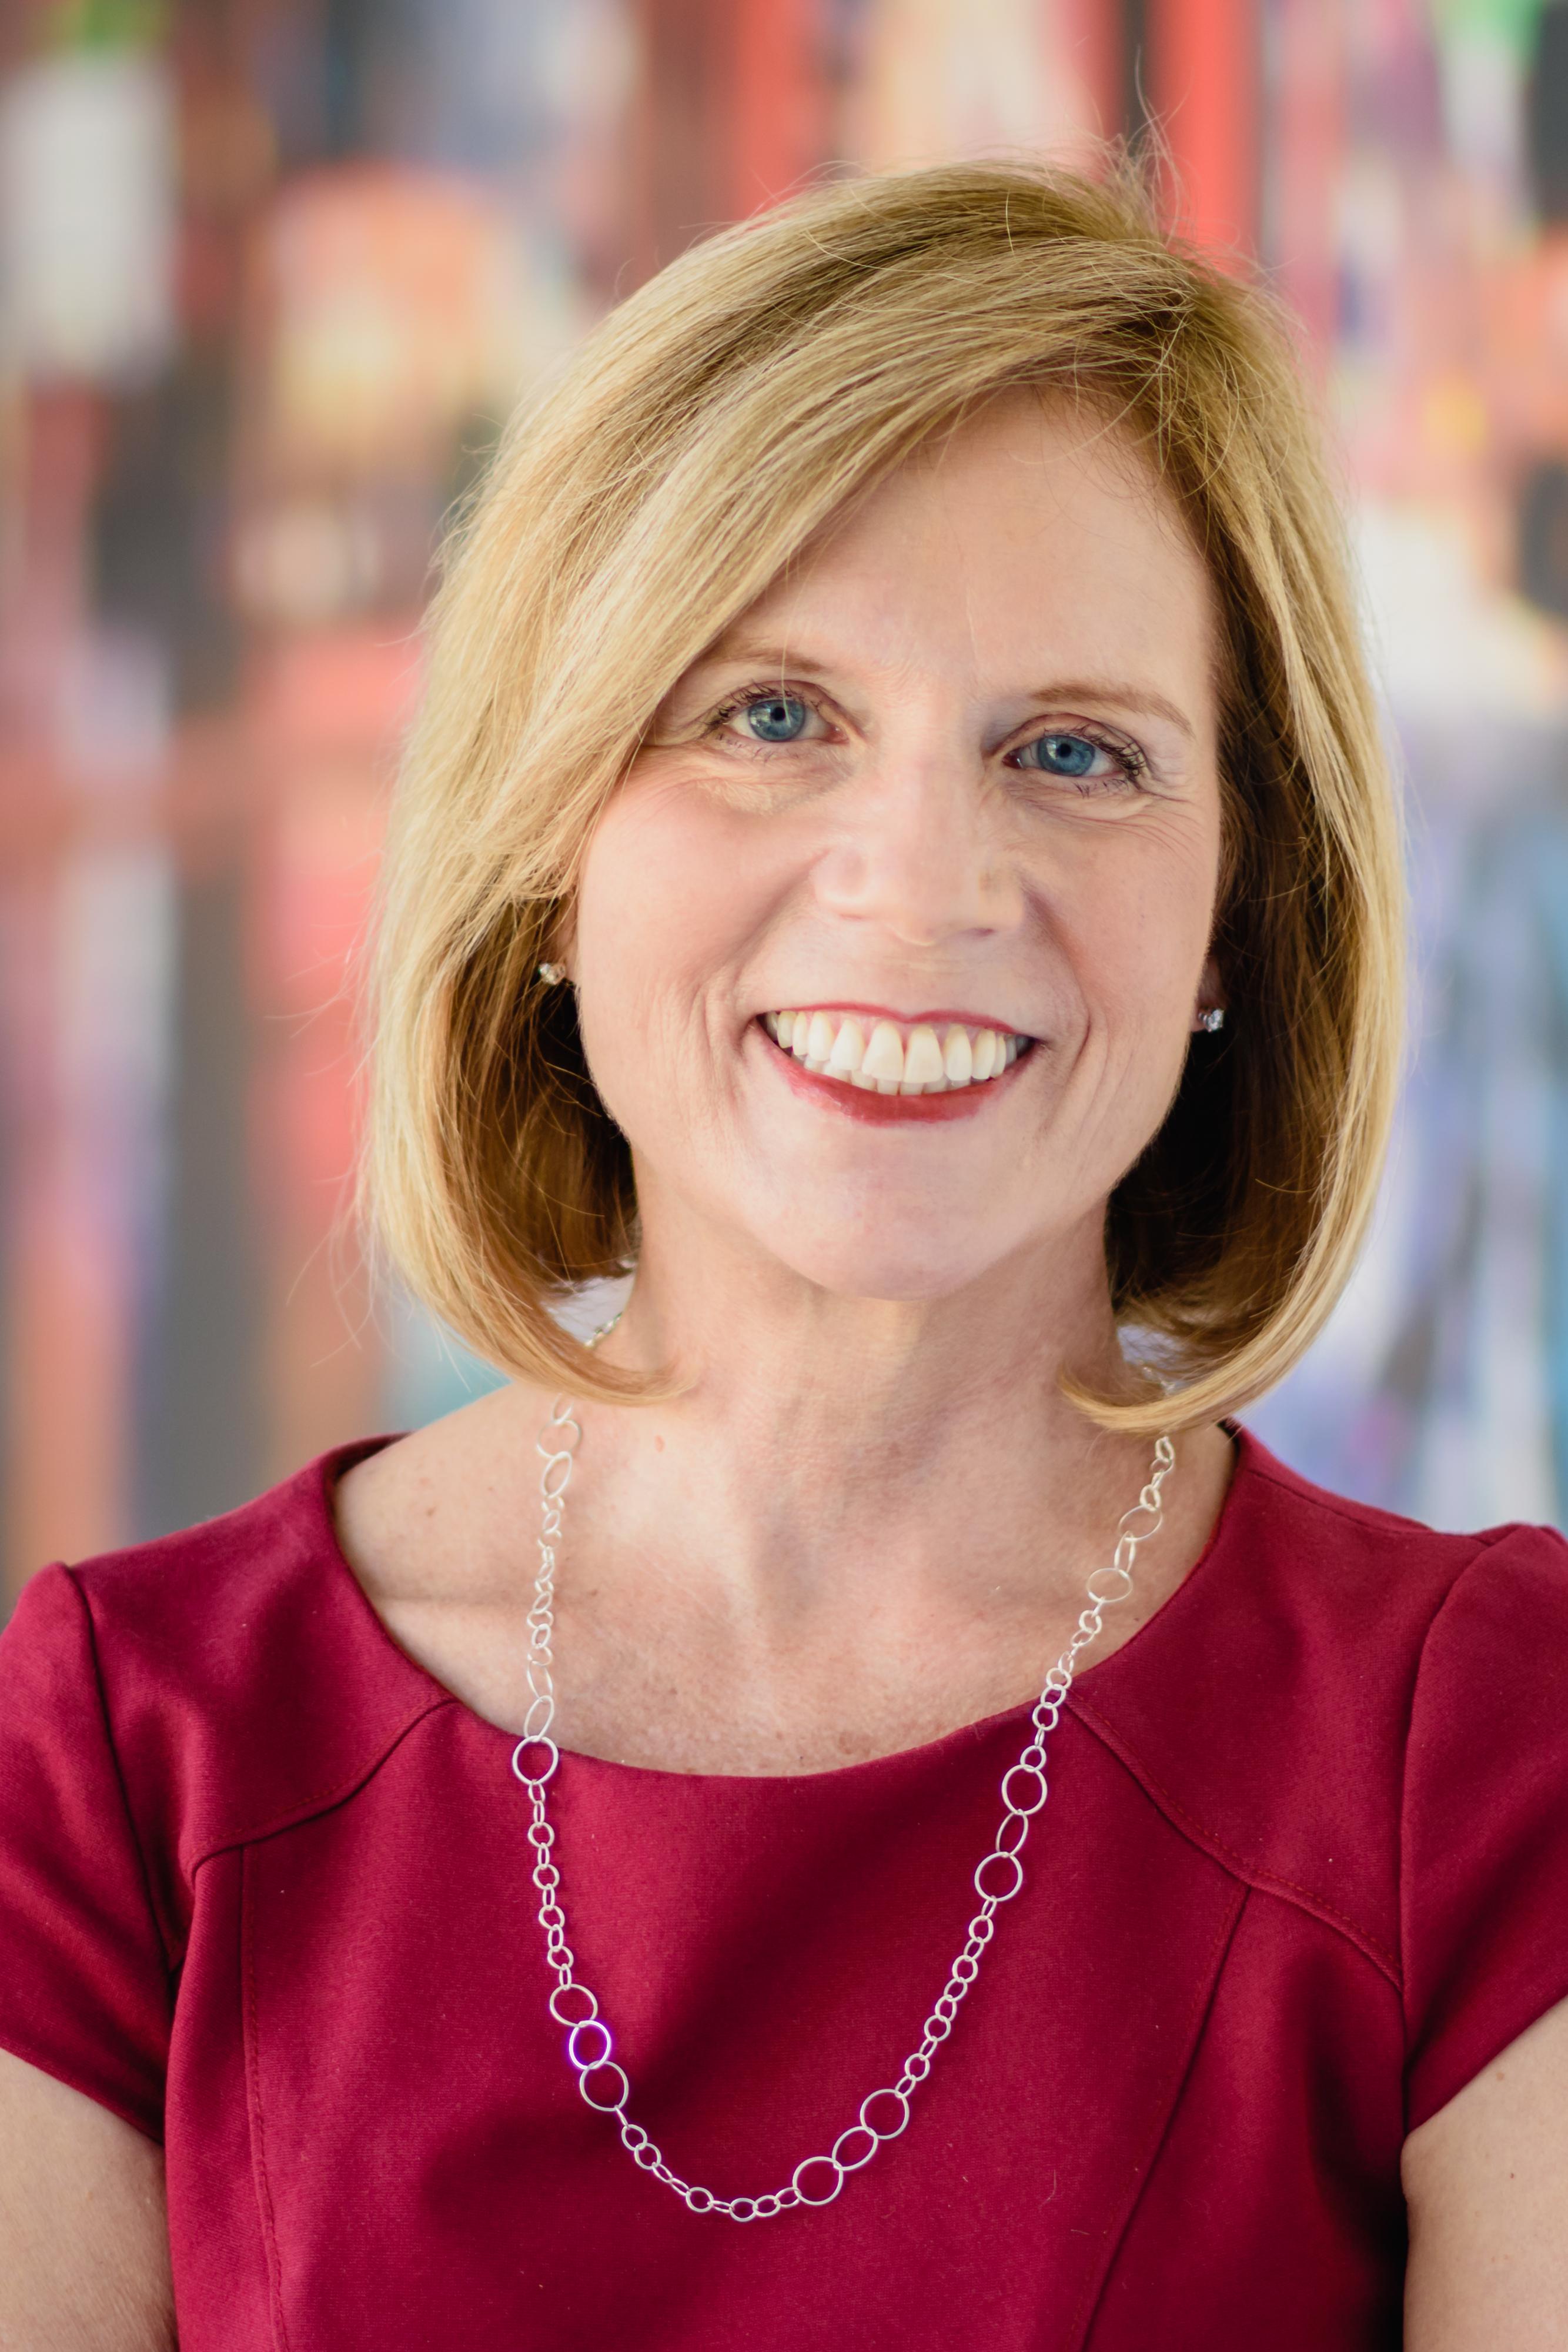 Cynthia Stoddard